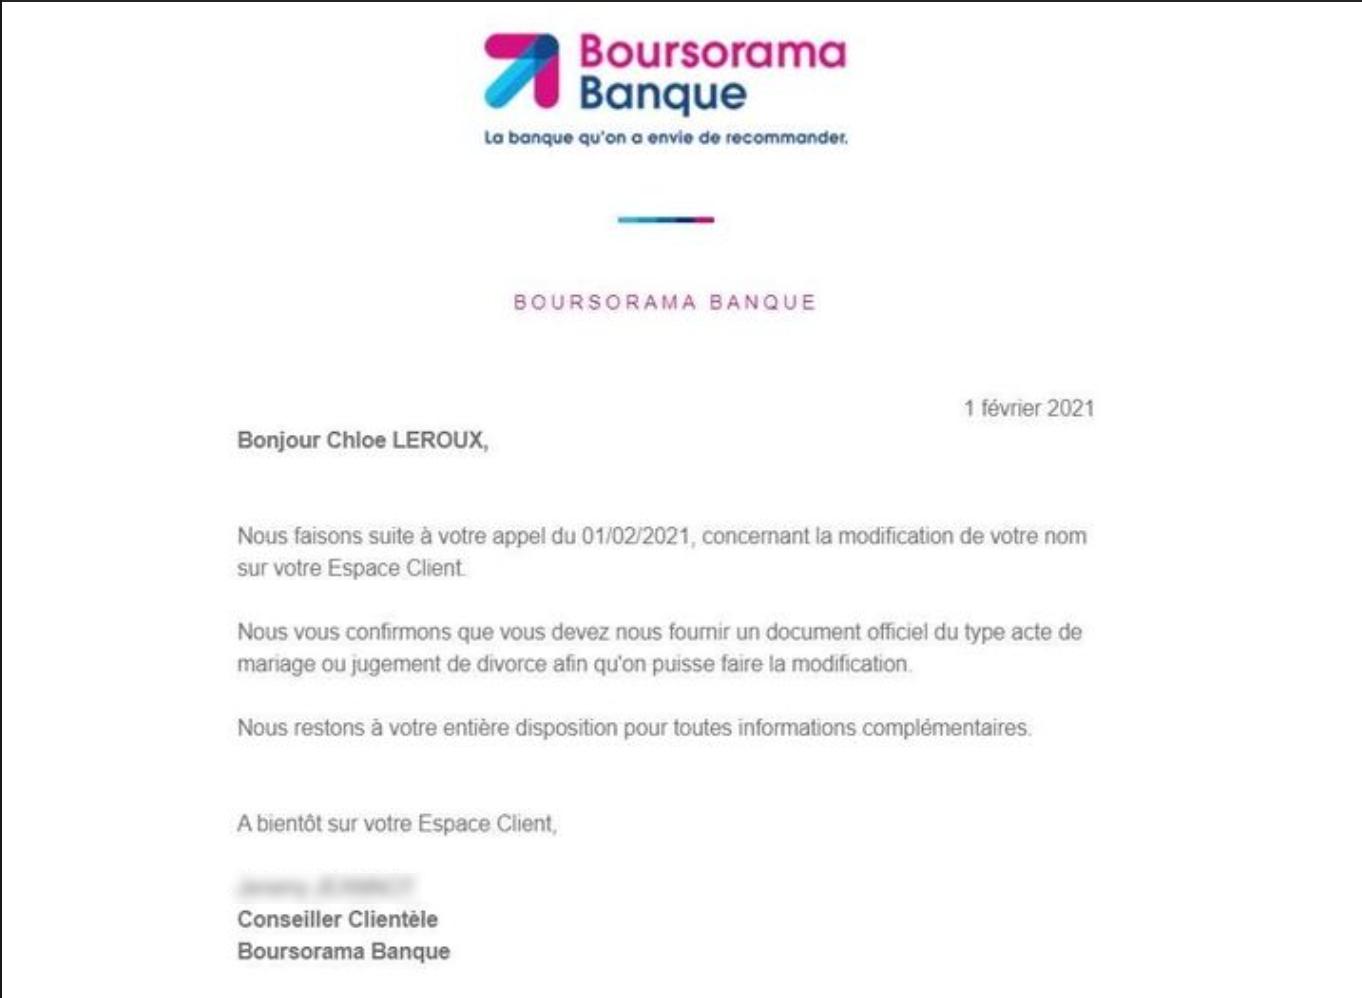 Courrier de Boursorama, demande de justificatif pour un changement de nom